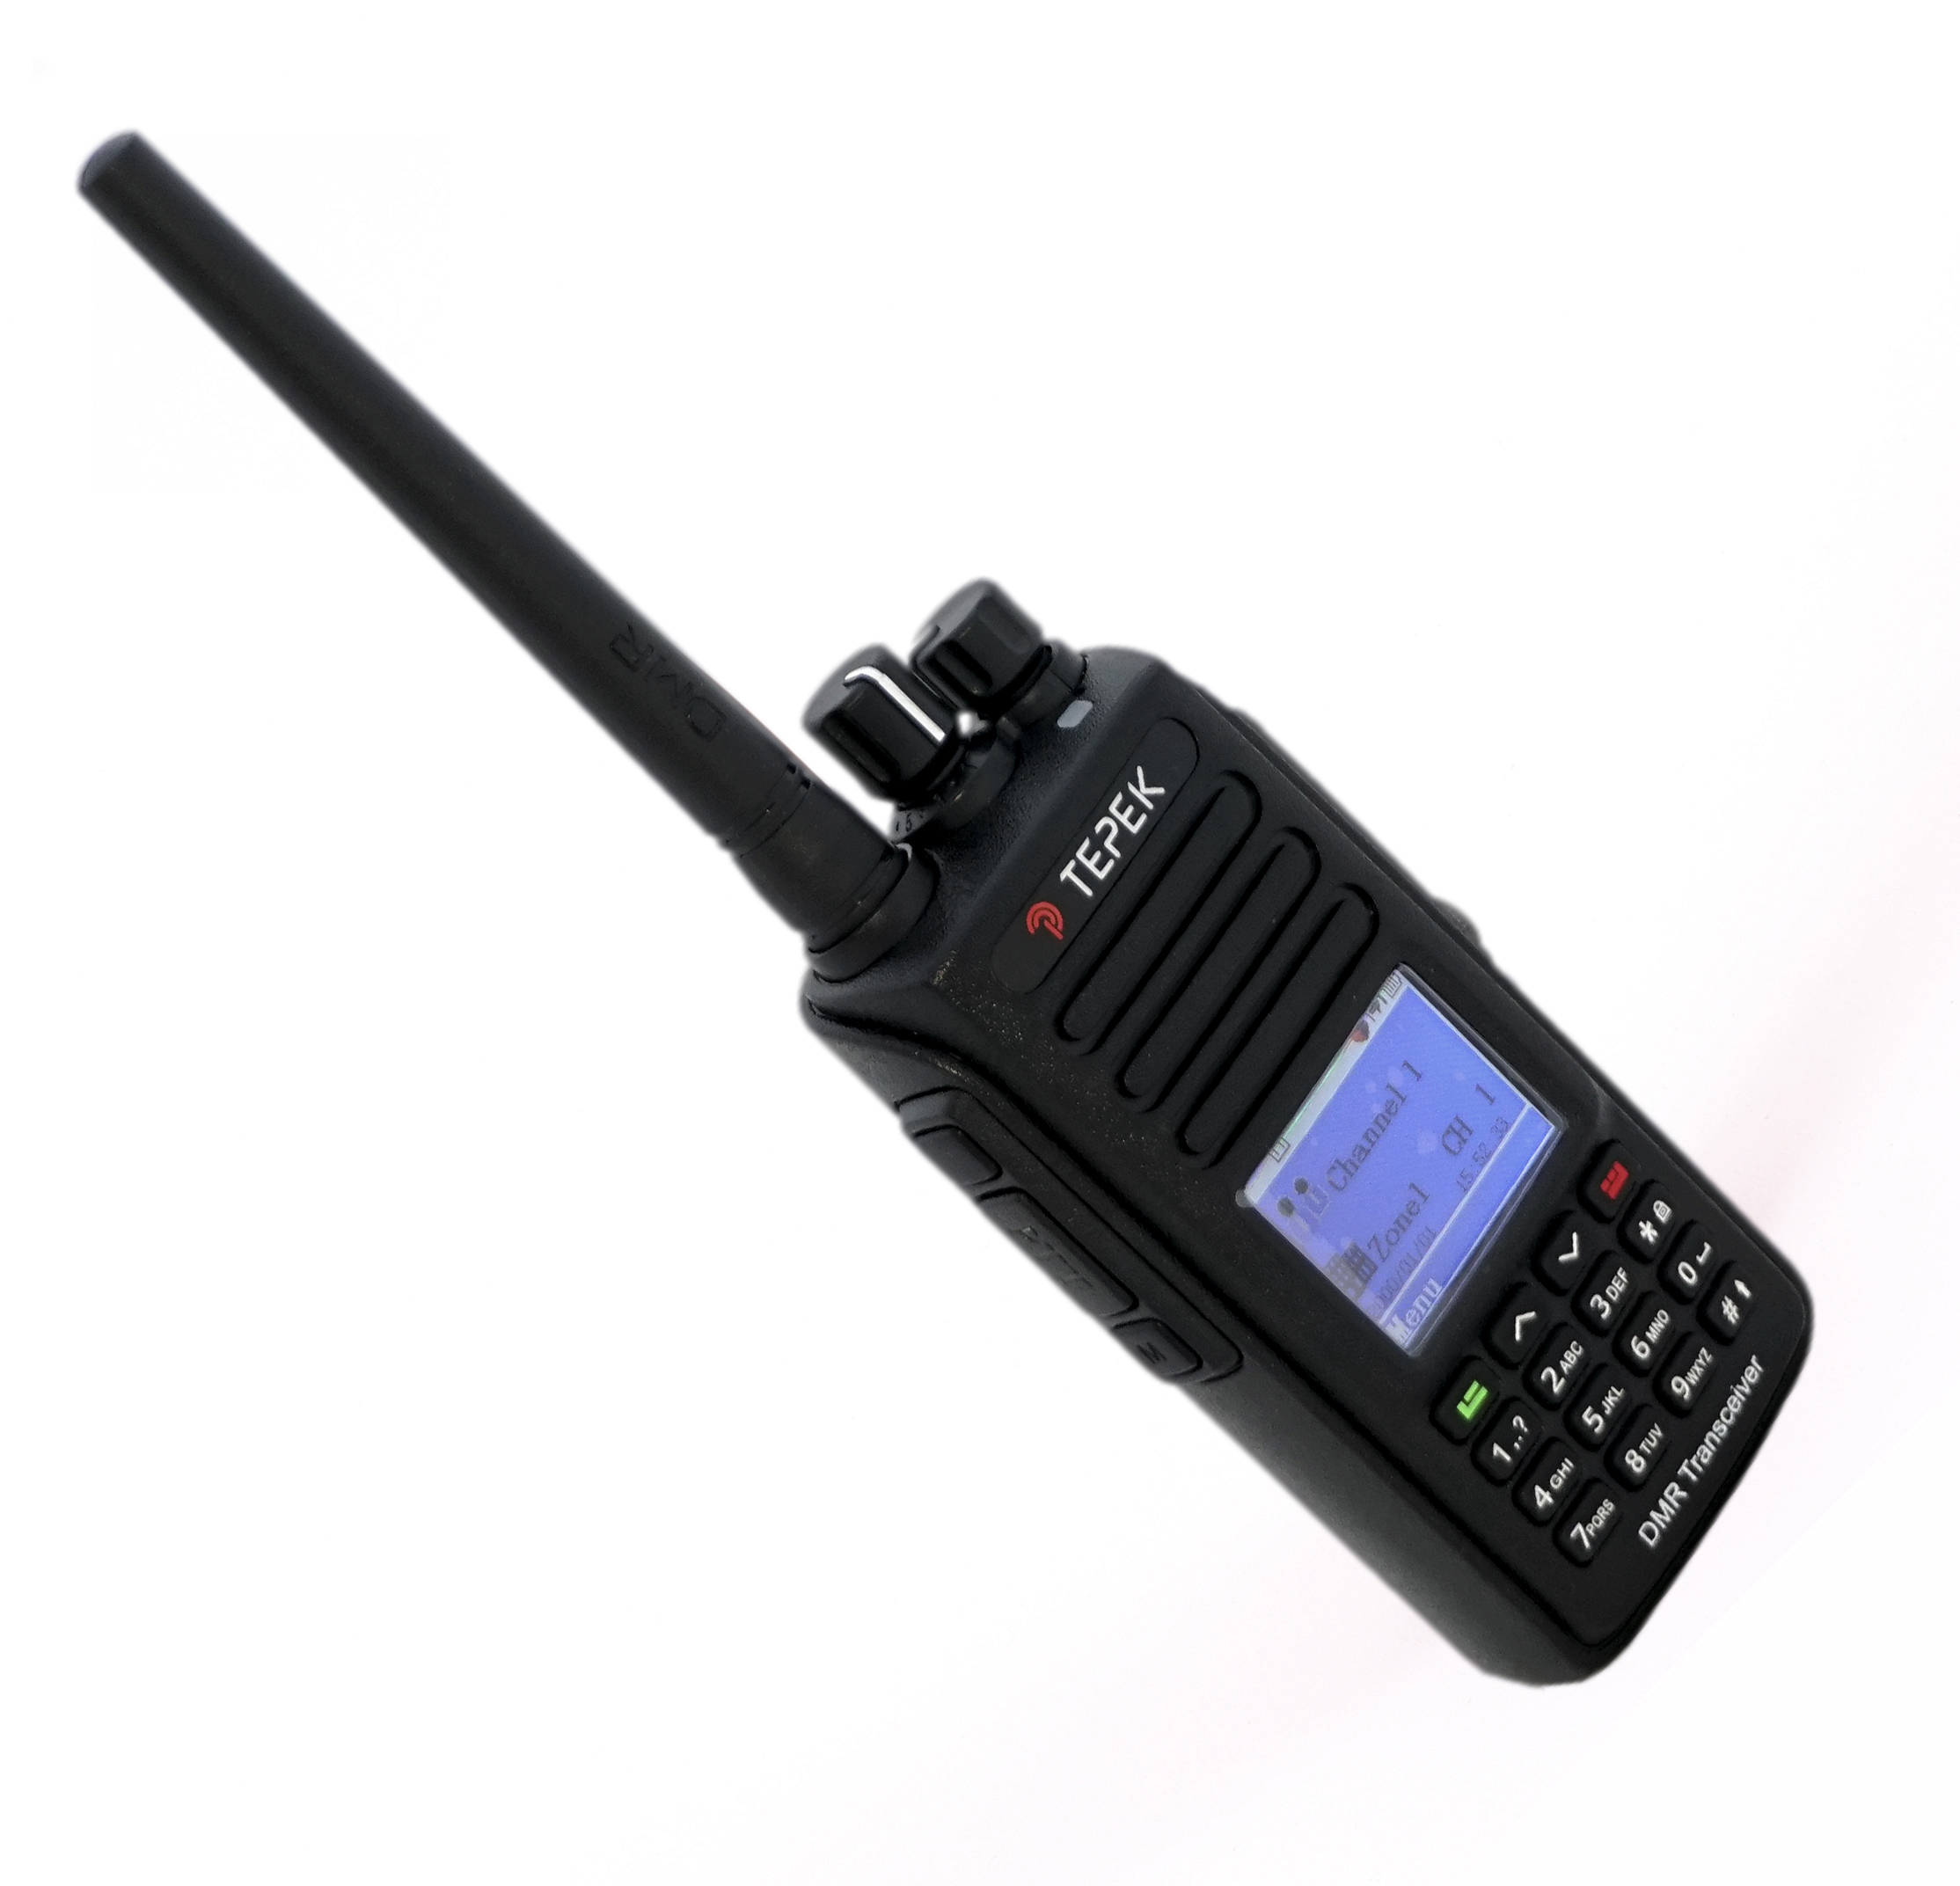 Портативная рация Терек РК-322-DMR UHF (+ Гарнитура в подарок!) портативная рация терек рк 202 vhf гарнитура в подарок